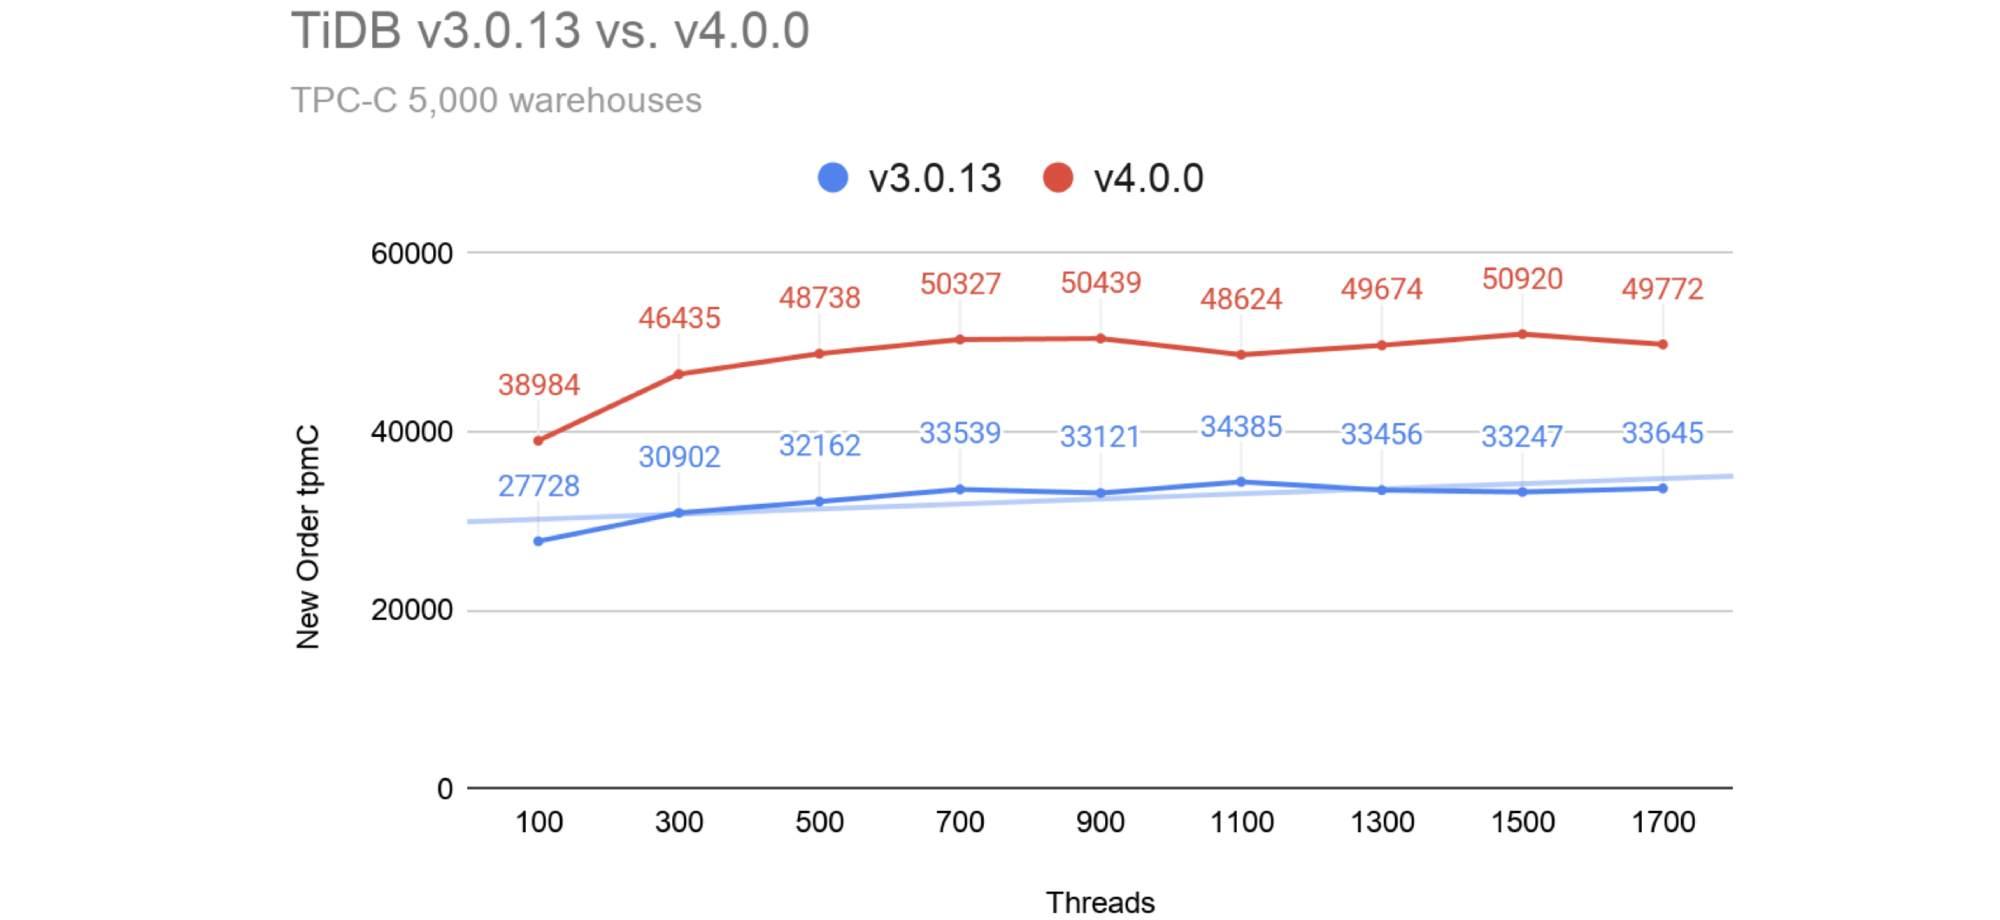 TiDB 3.0 vs. 4.0 for TPC-C